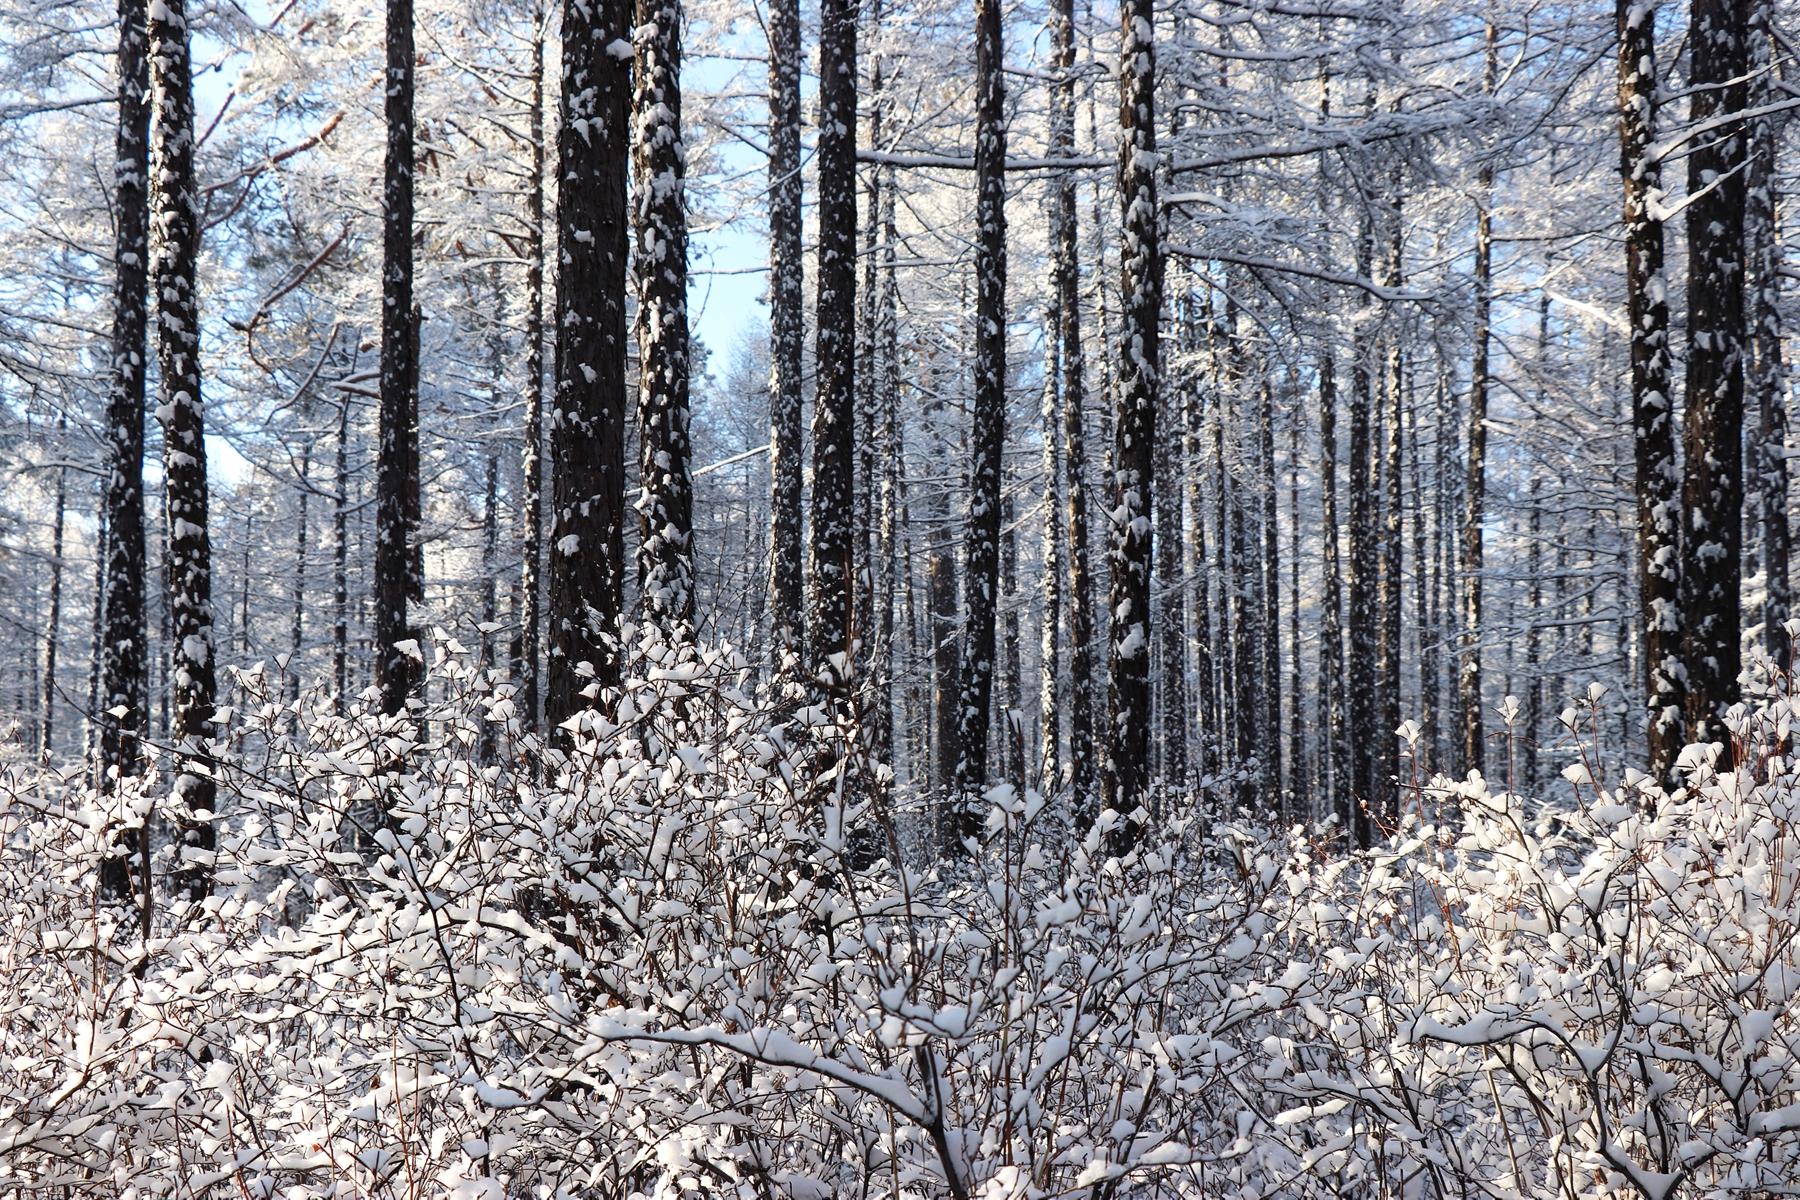 大美中国!大兴安岭新林区的冬天,雪覆千山,玉树琼林,仿如仙境